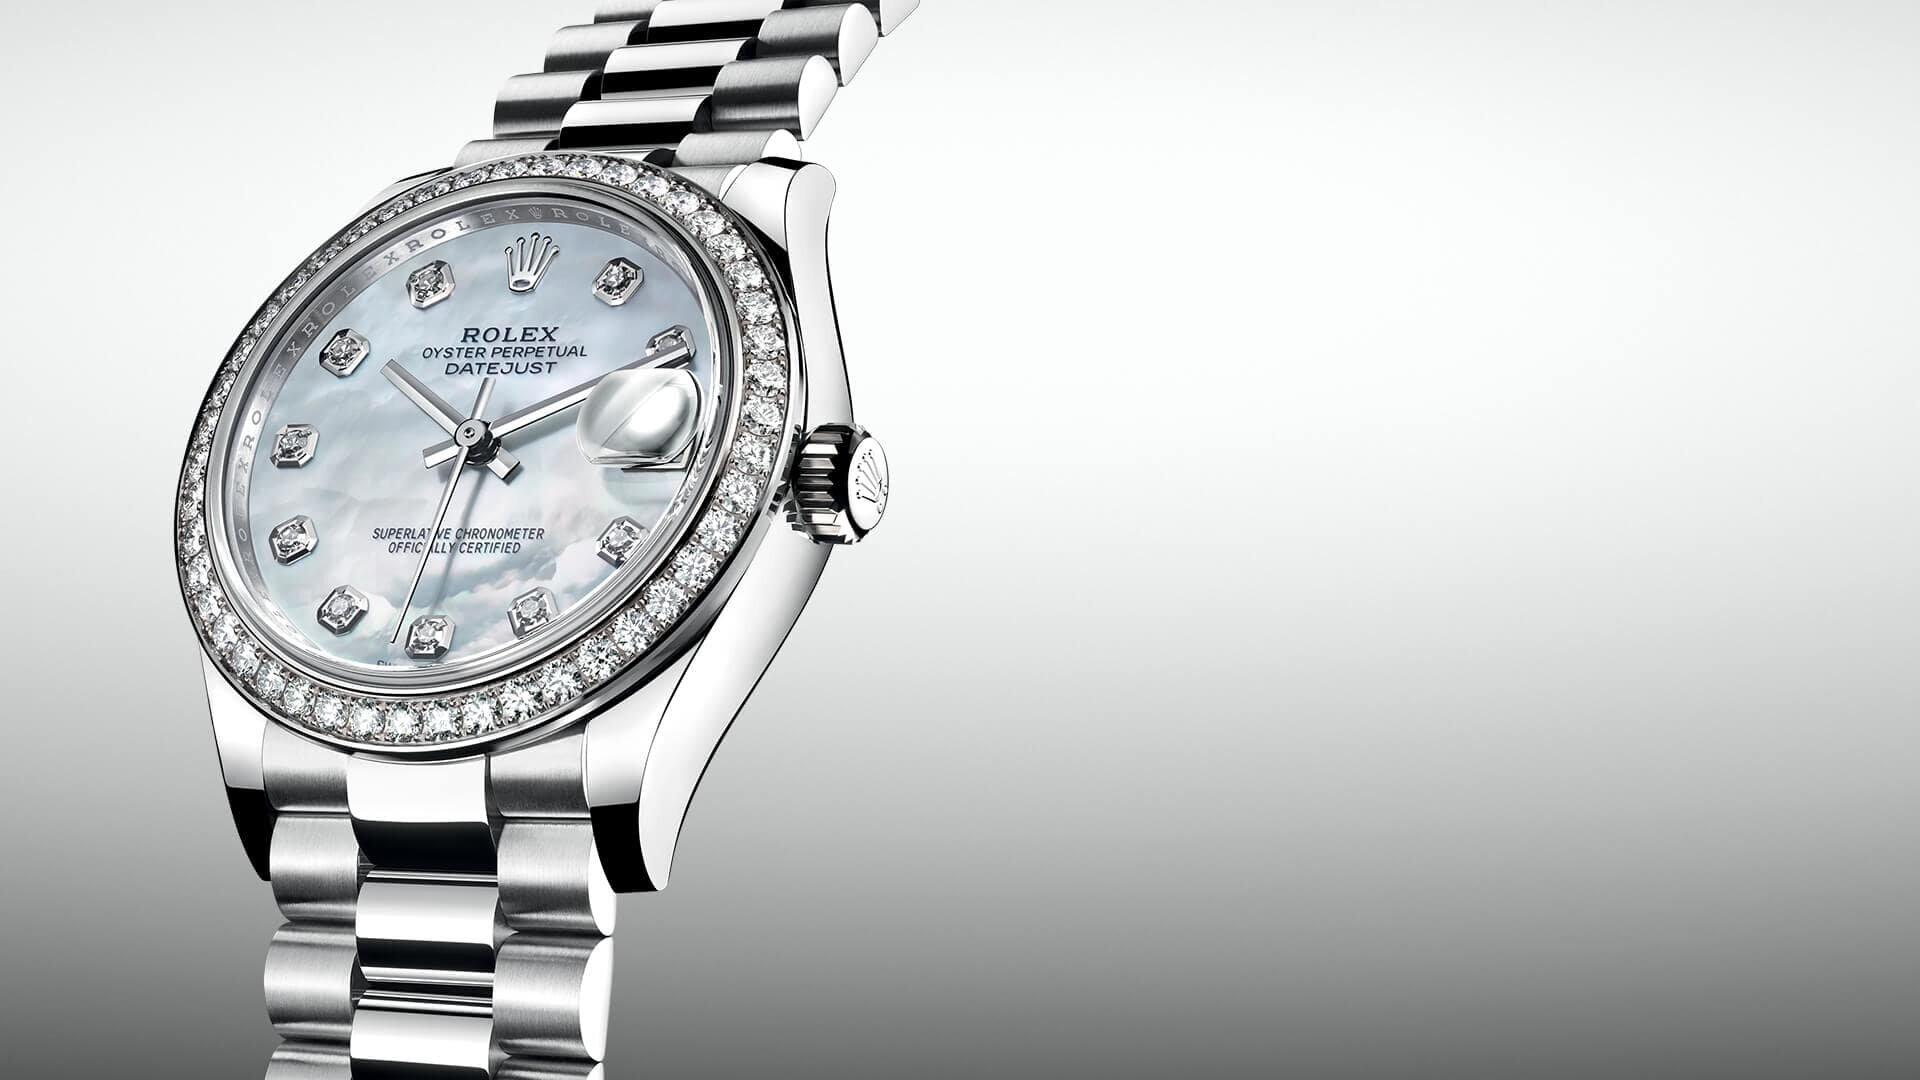 Rolex Oyster Perpetual Datejust 31 thiết kế thời thượng, đẳng cấp